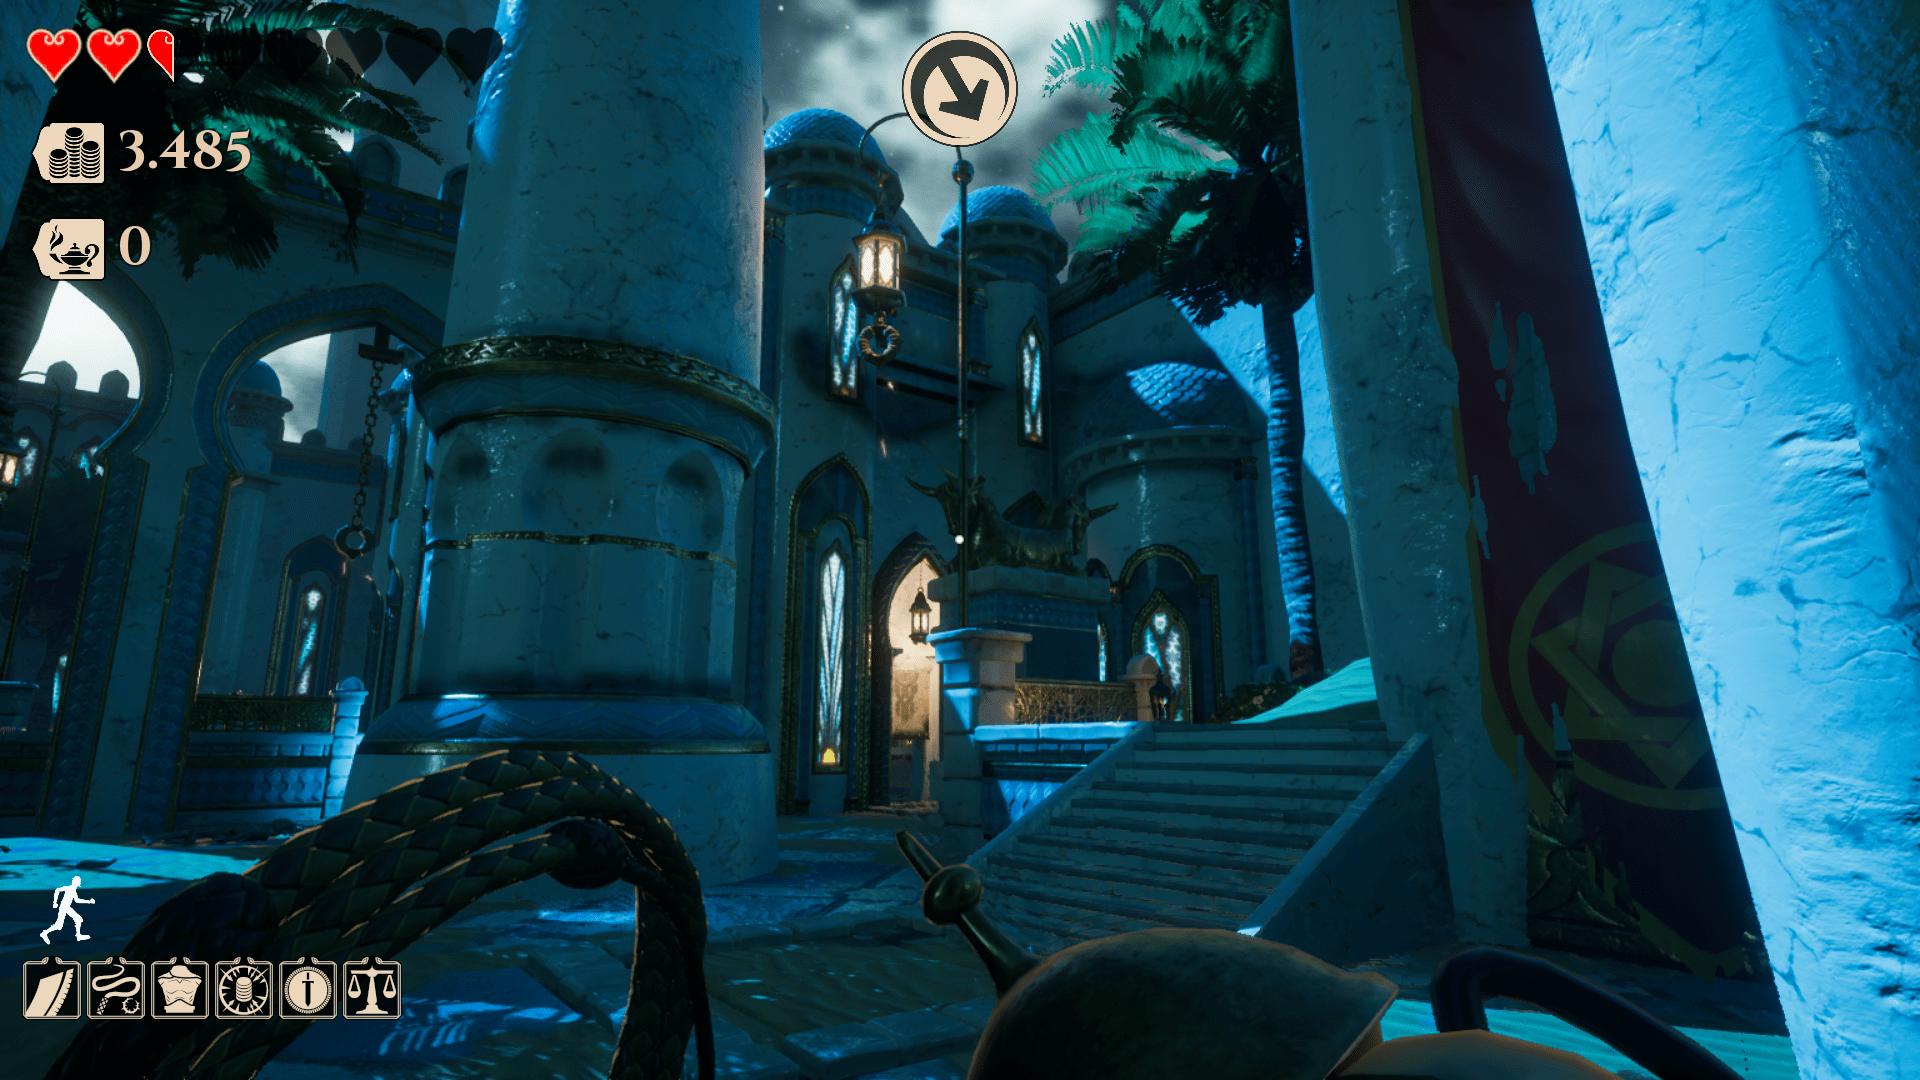 Análisis de City Of Brass - Ponte en el pellejo de un valiente ladrón en City Of Brass. Lucharemos con nuestra espada y nuestro látigo para alcanzar un tesoro escondido en el corazón de una ciudad mítica llena de trampas y enemigos.